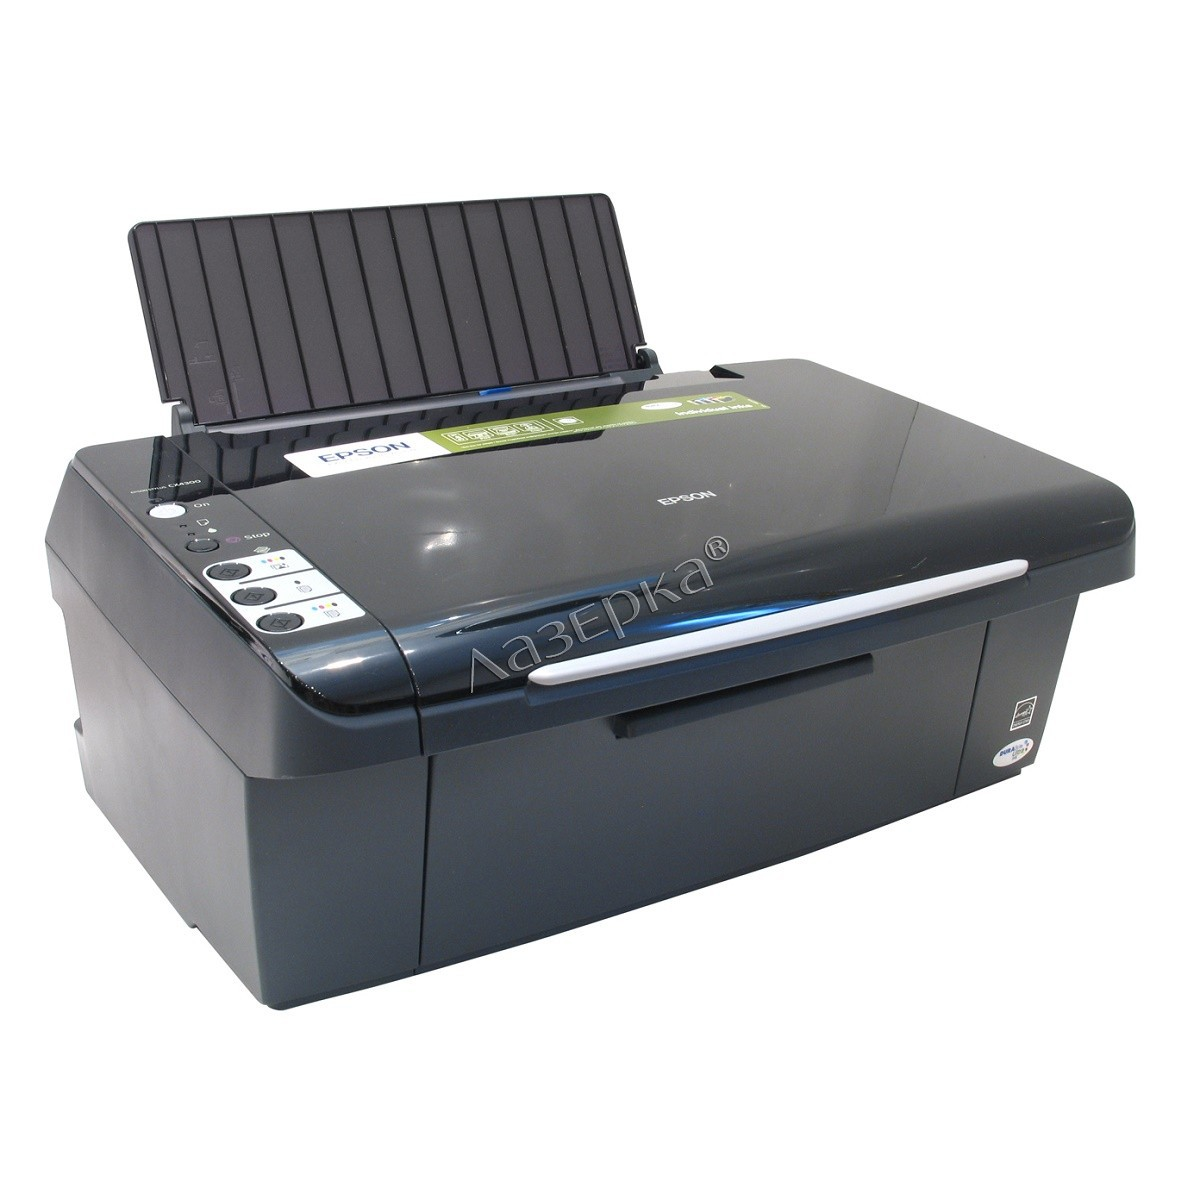 Скачать драйвер к принтеру epson stylus cx4300